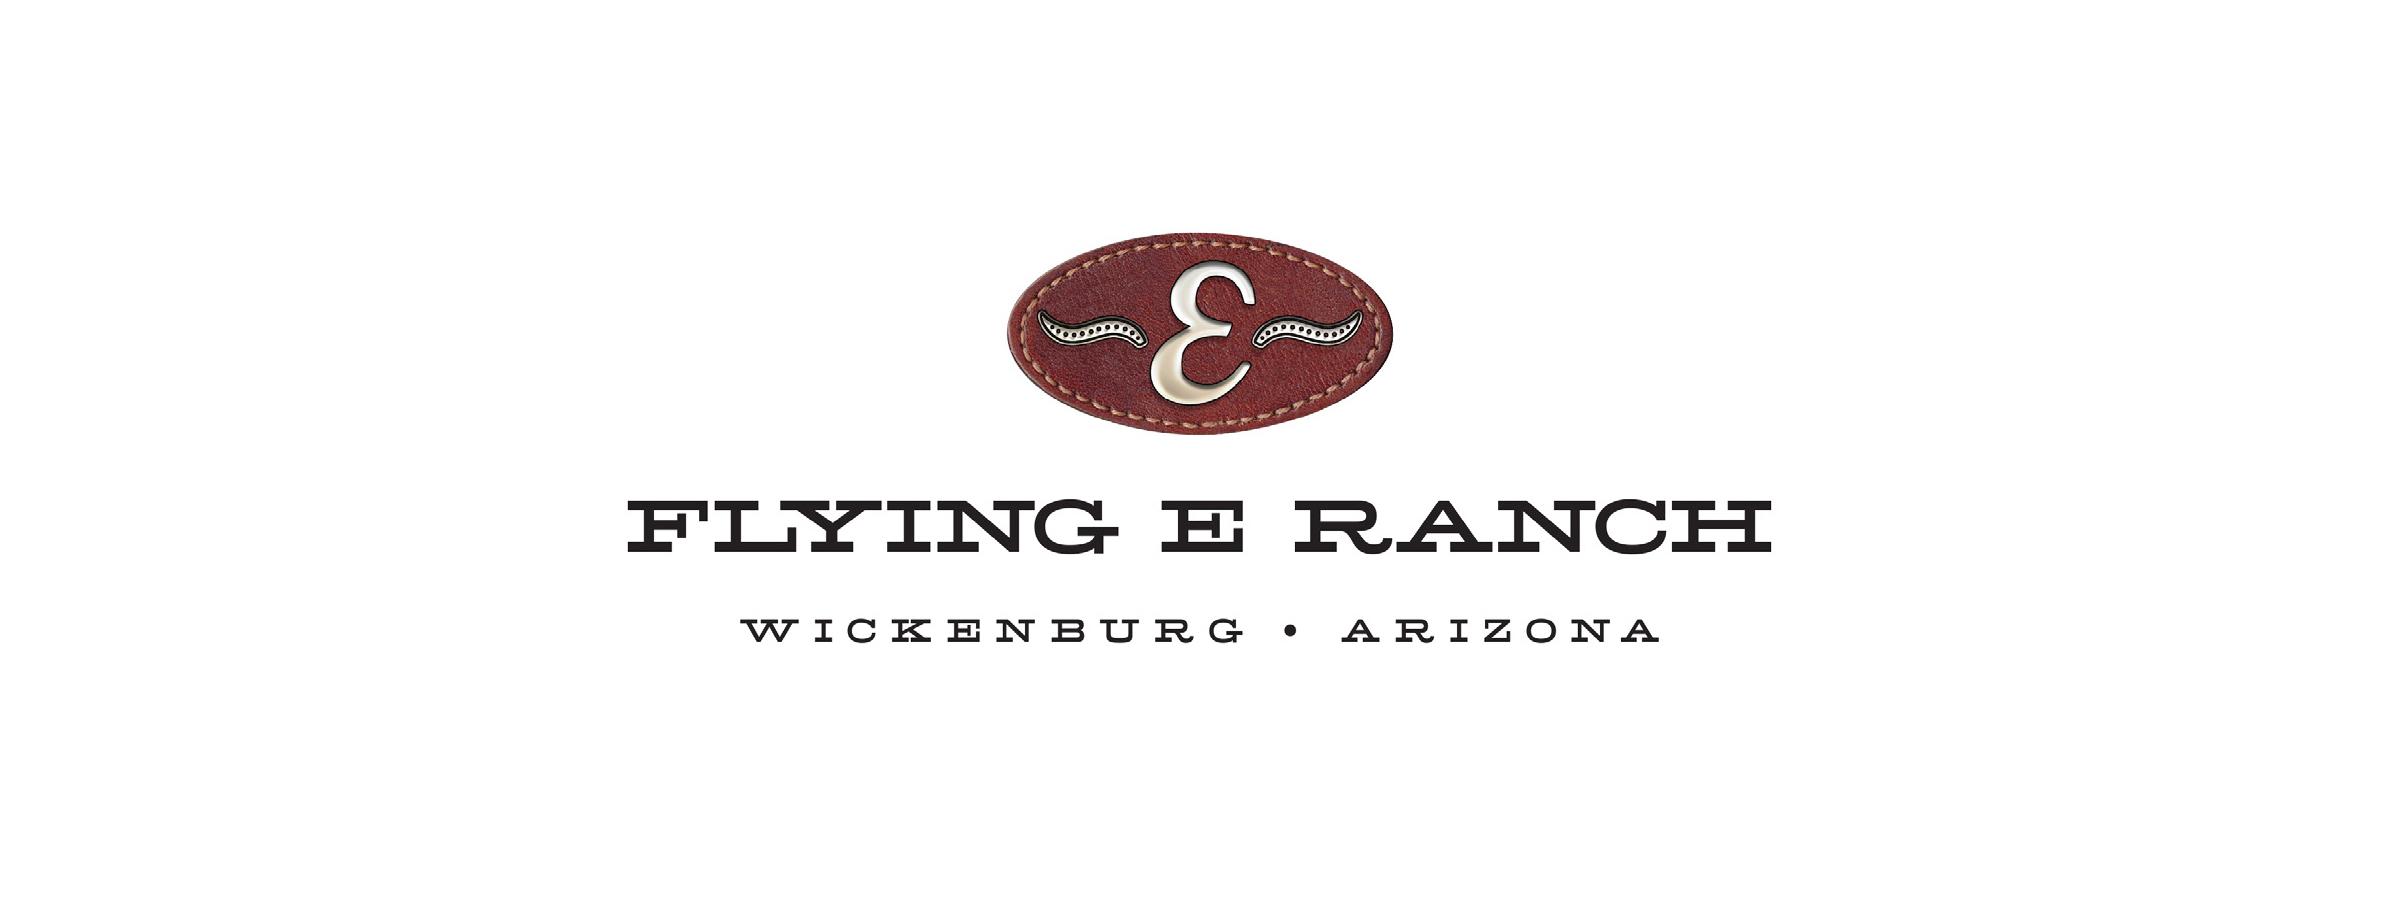 Flying E logo.jpg